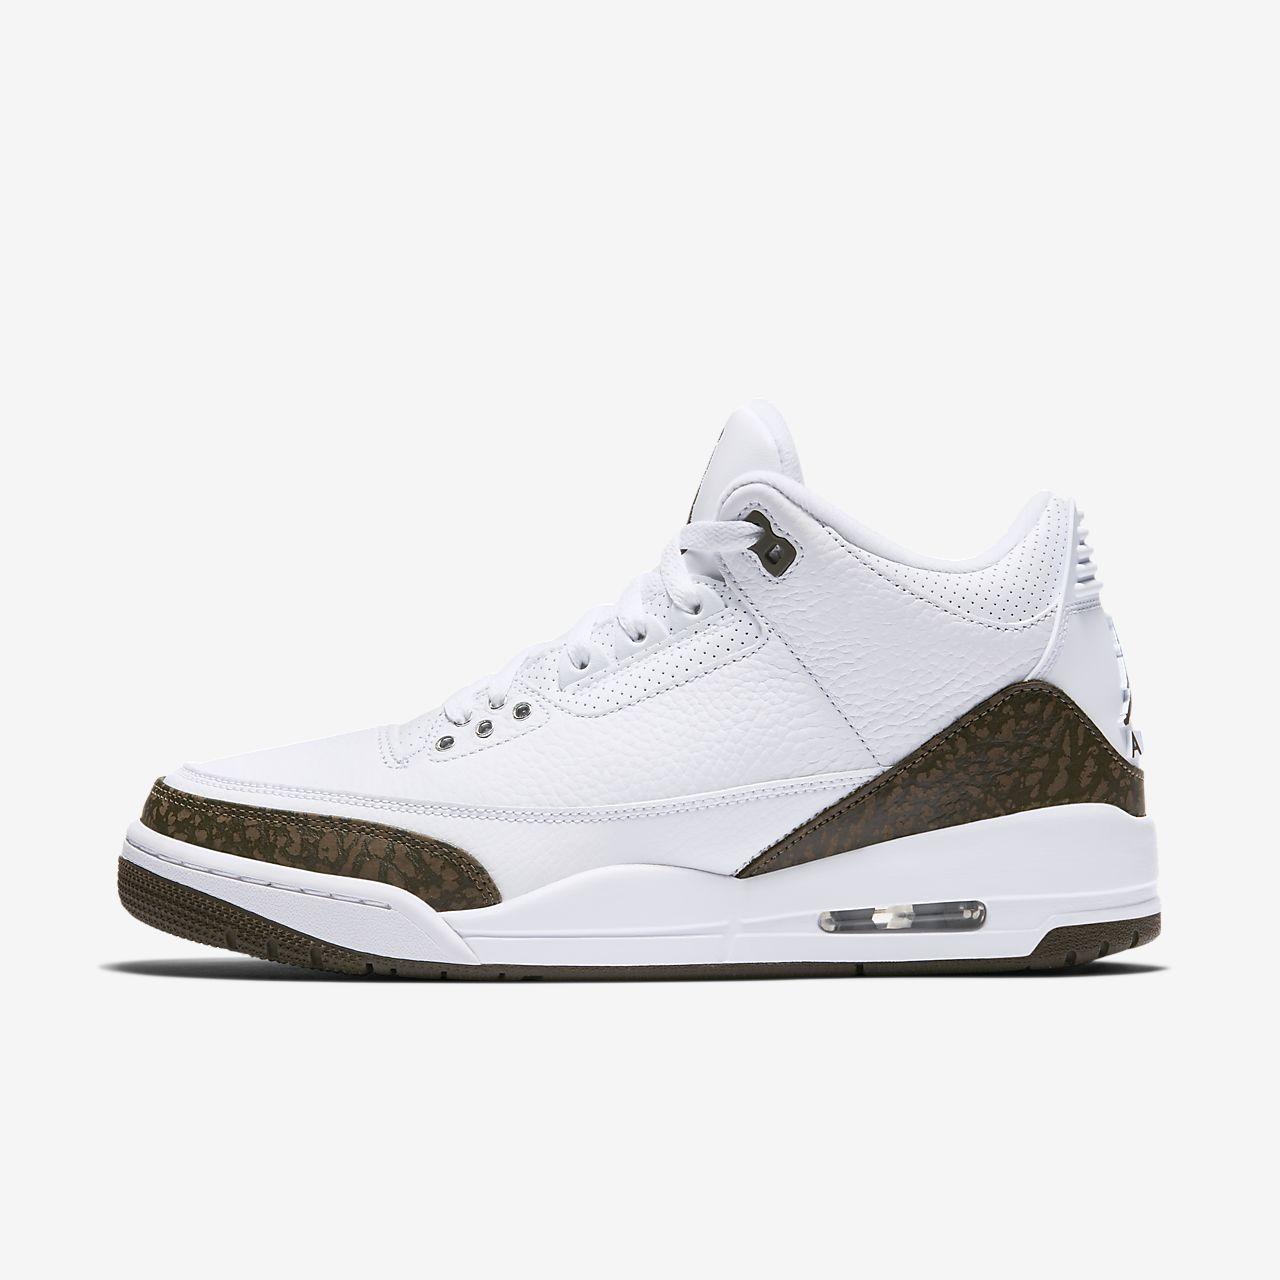 sports shoes 8537e 6350e ... Chaussure Air Jordan 3 Retro pour Homme